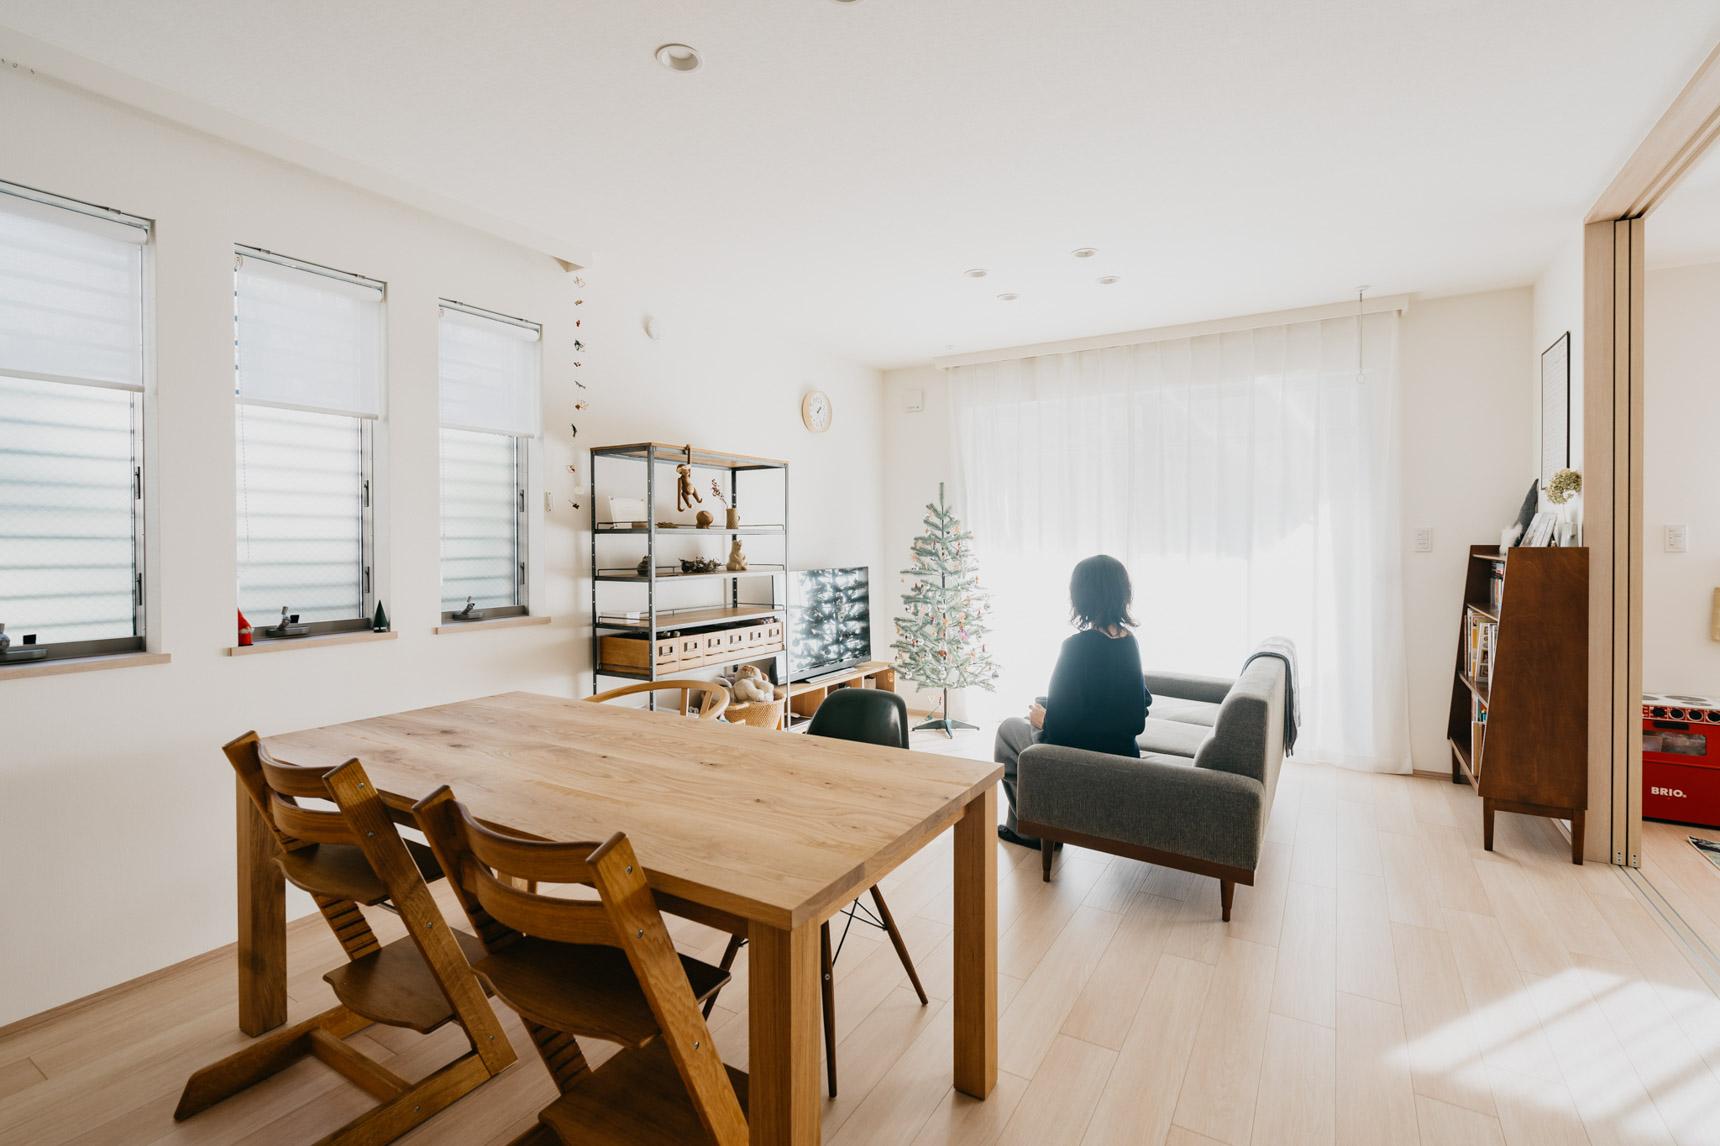 こちらは4人家族で暮らす方のお部屋。元々モノは多くないほうではありますが、床だけでなくテーブル周りもすっきりとした印象です。